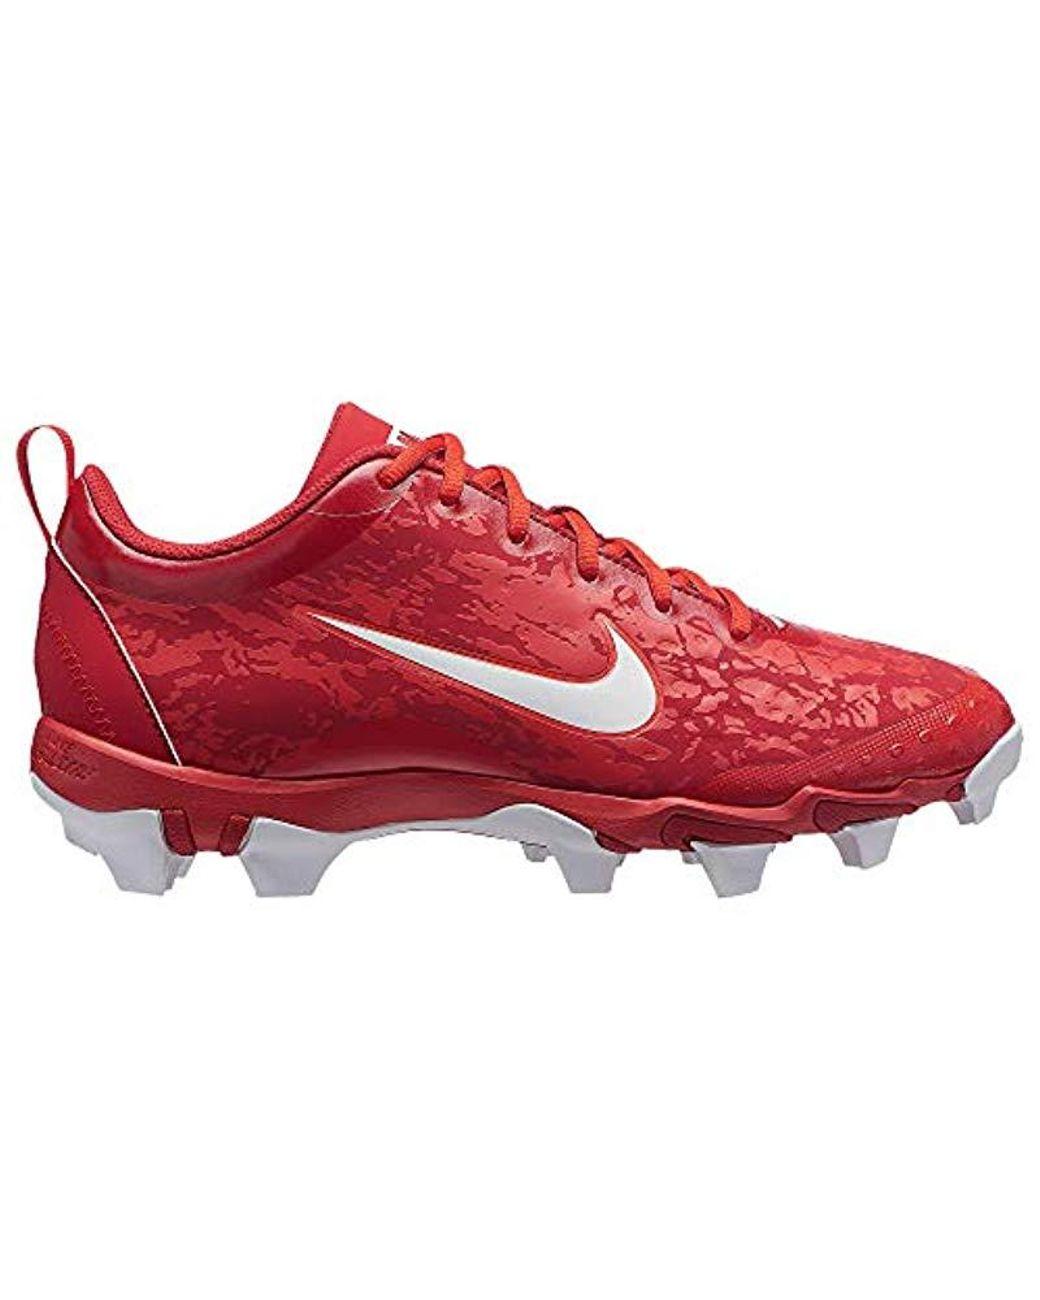 2480fdff8 Lyst - Nike Hyperdiamond 2.5 Keystone Baseball Shoe in Red for Men